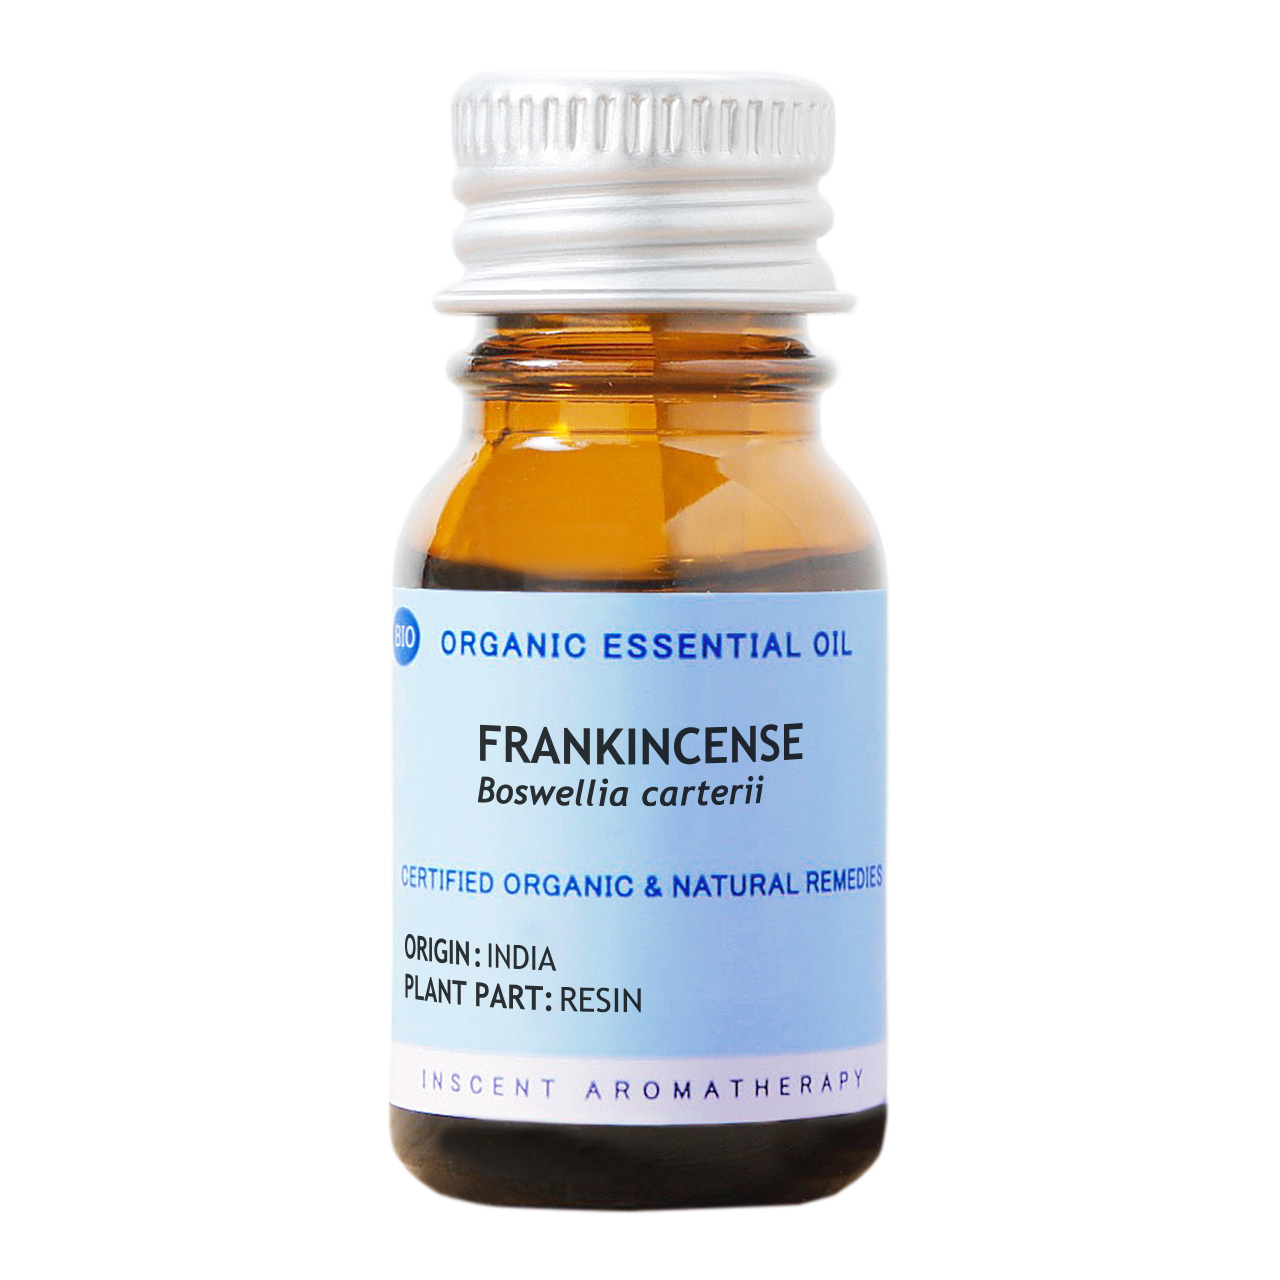 [オーガニック] フランキンセンス(オリバナム/乳香) 10ml インセントオーガニック エッセンシャルオイル 精油